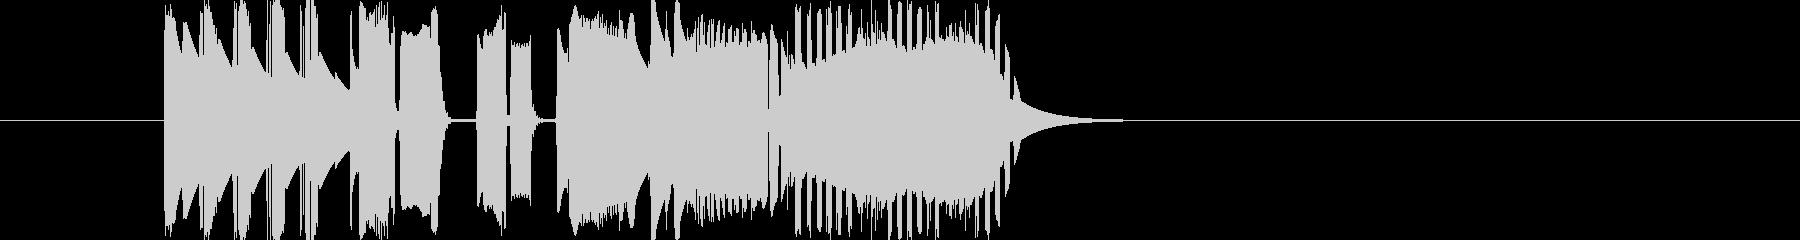 パワートーンバージョン3の未再生の波形